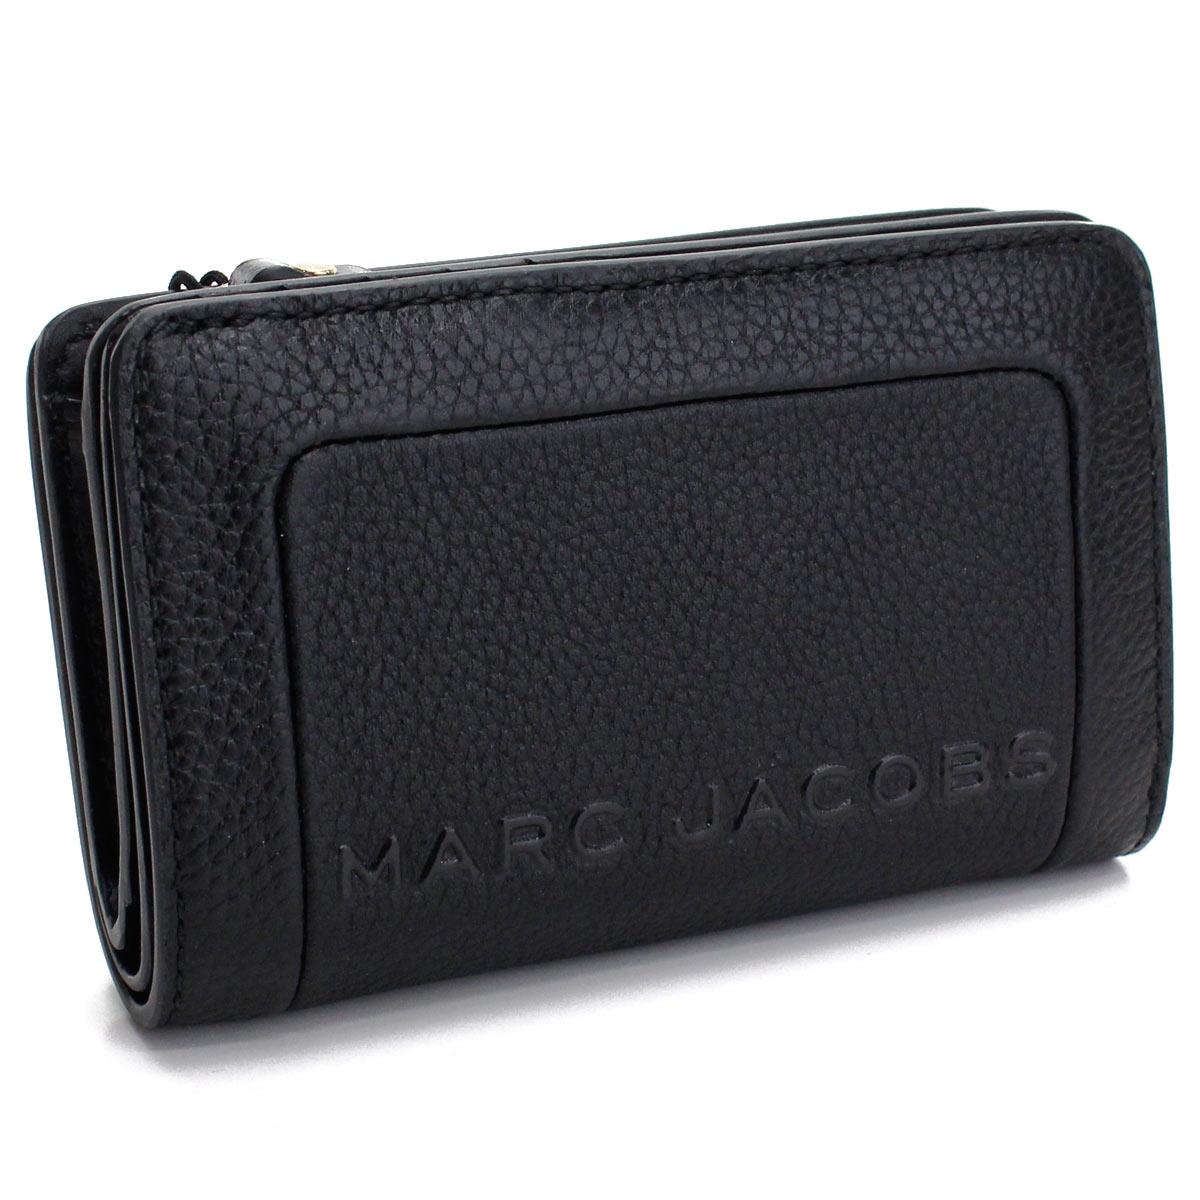 マーク ジェイコブス MARC JACOBS THE TEXTURED BOX 2つ折り財布 中財布 M0015105 001 BLACK ブラック レディース